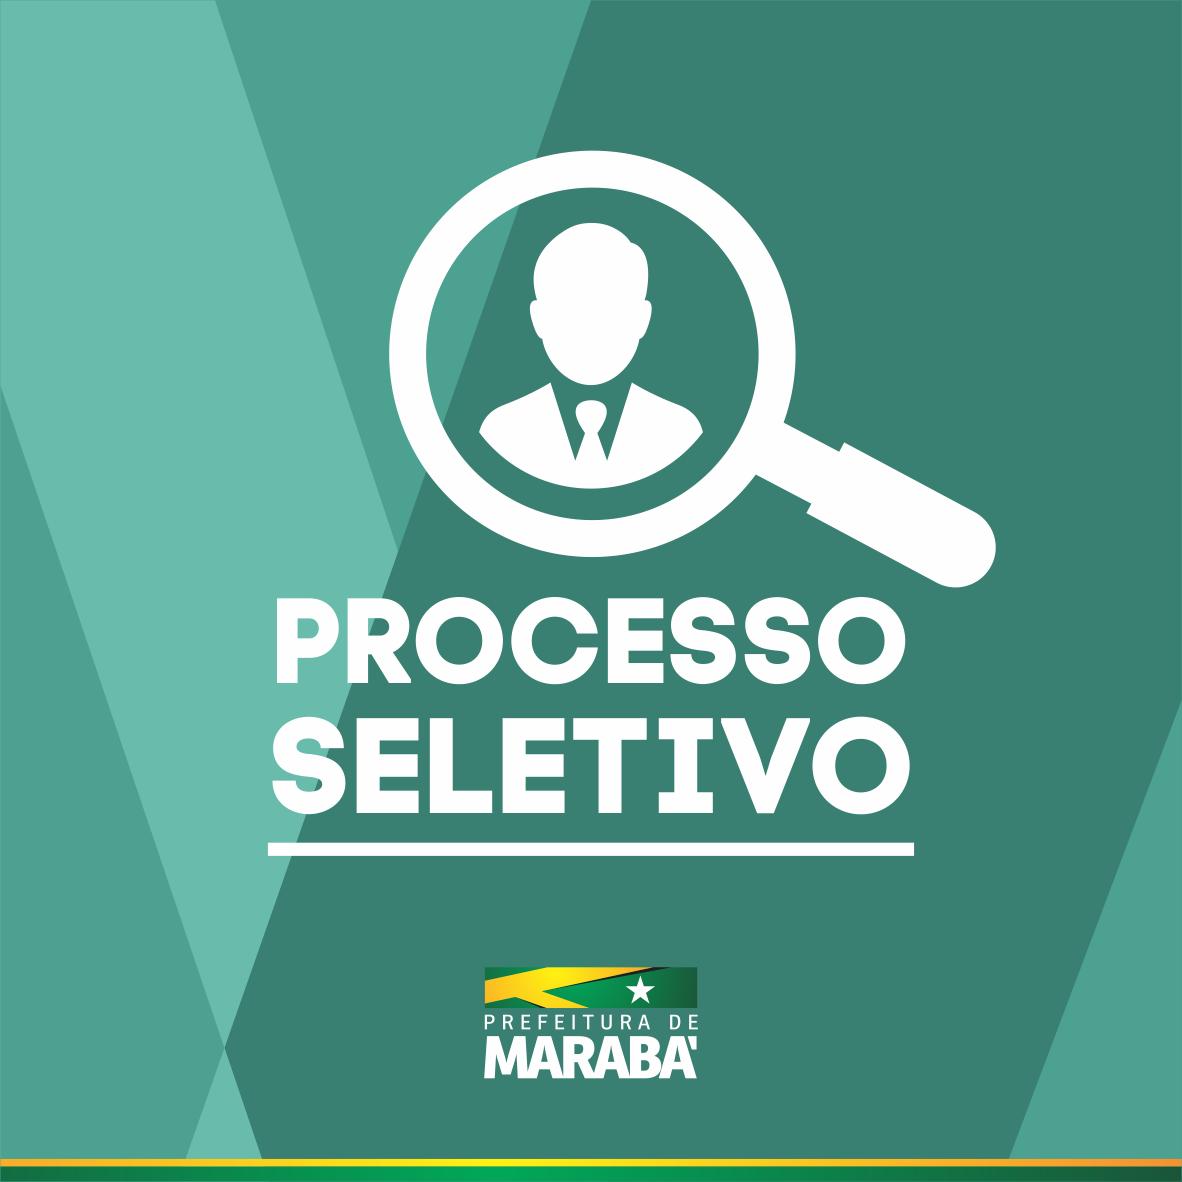 PROCESSO SELETIVO: SEMED CONVOCA CANDIDATOS APROVADOS AO CARGO DE AUXILIAR DE SECRETARIA